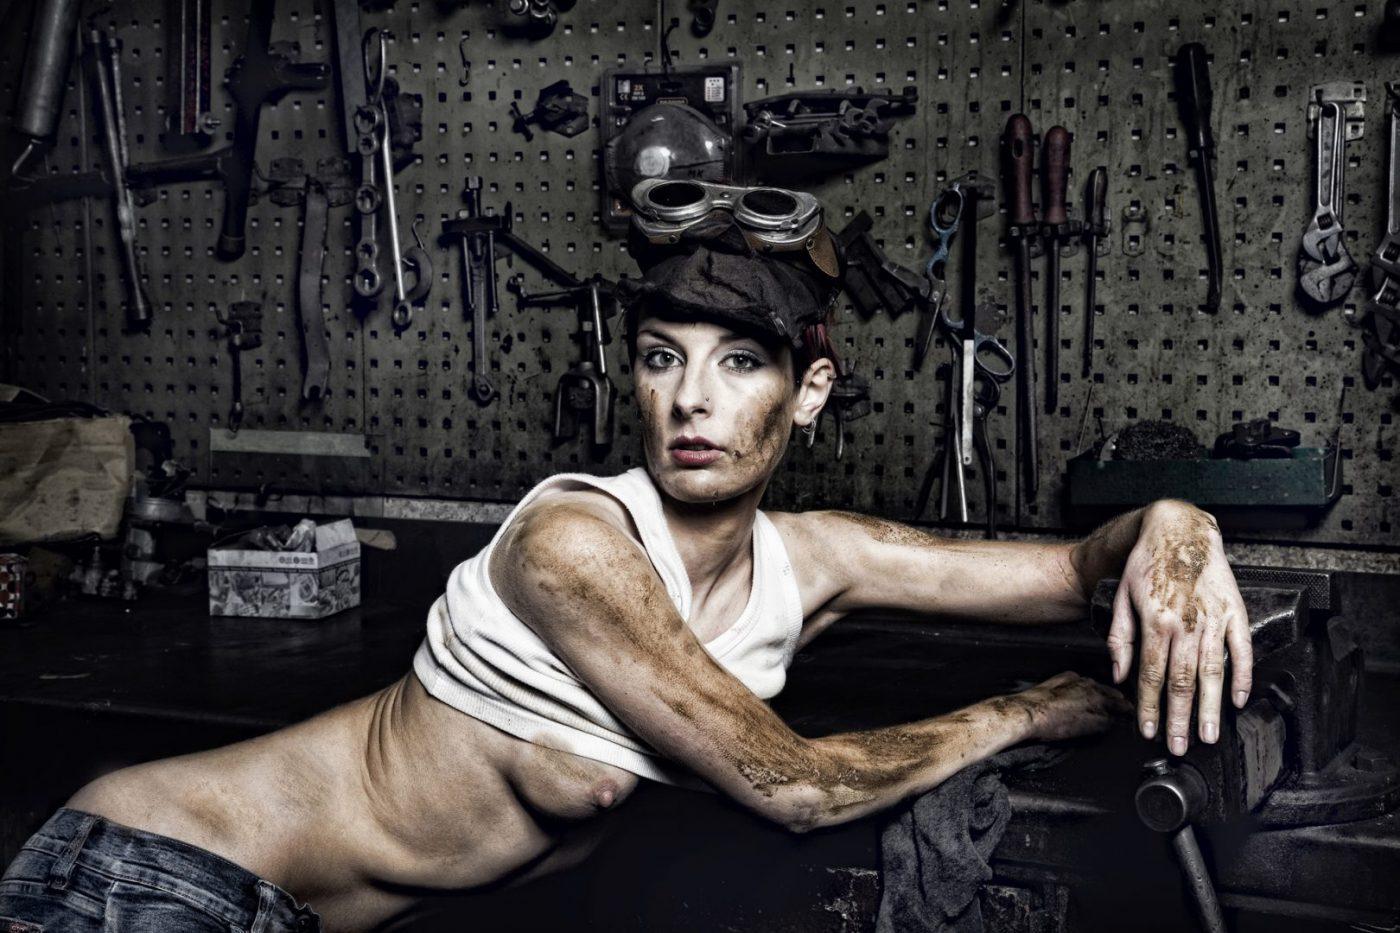 hard working woman - von Erich Hacker